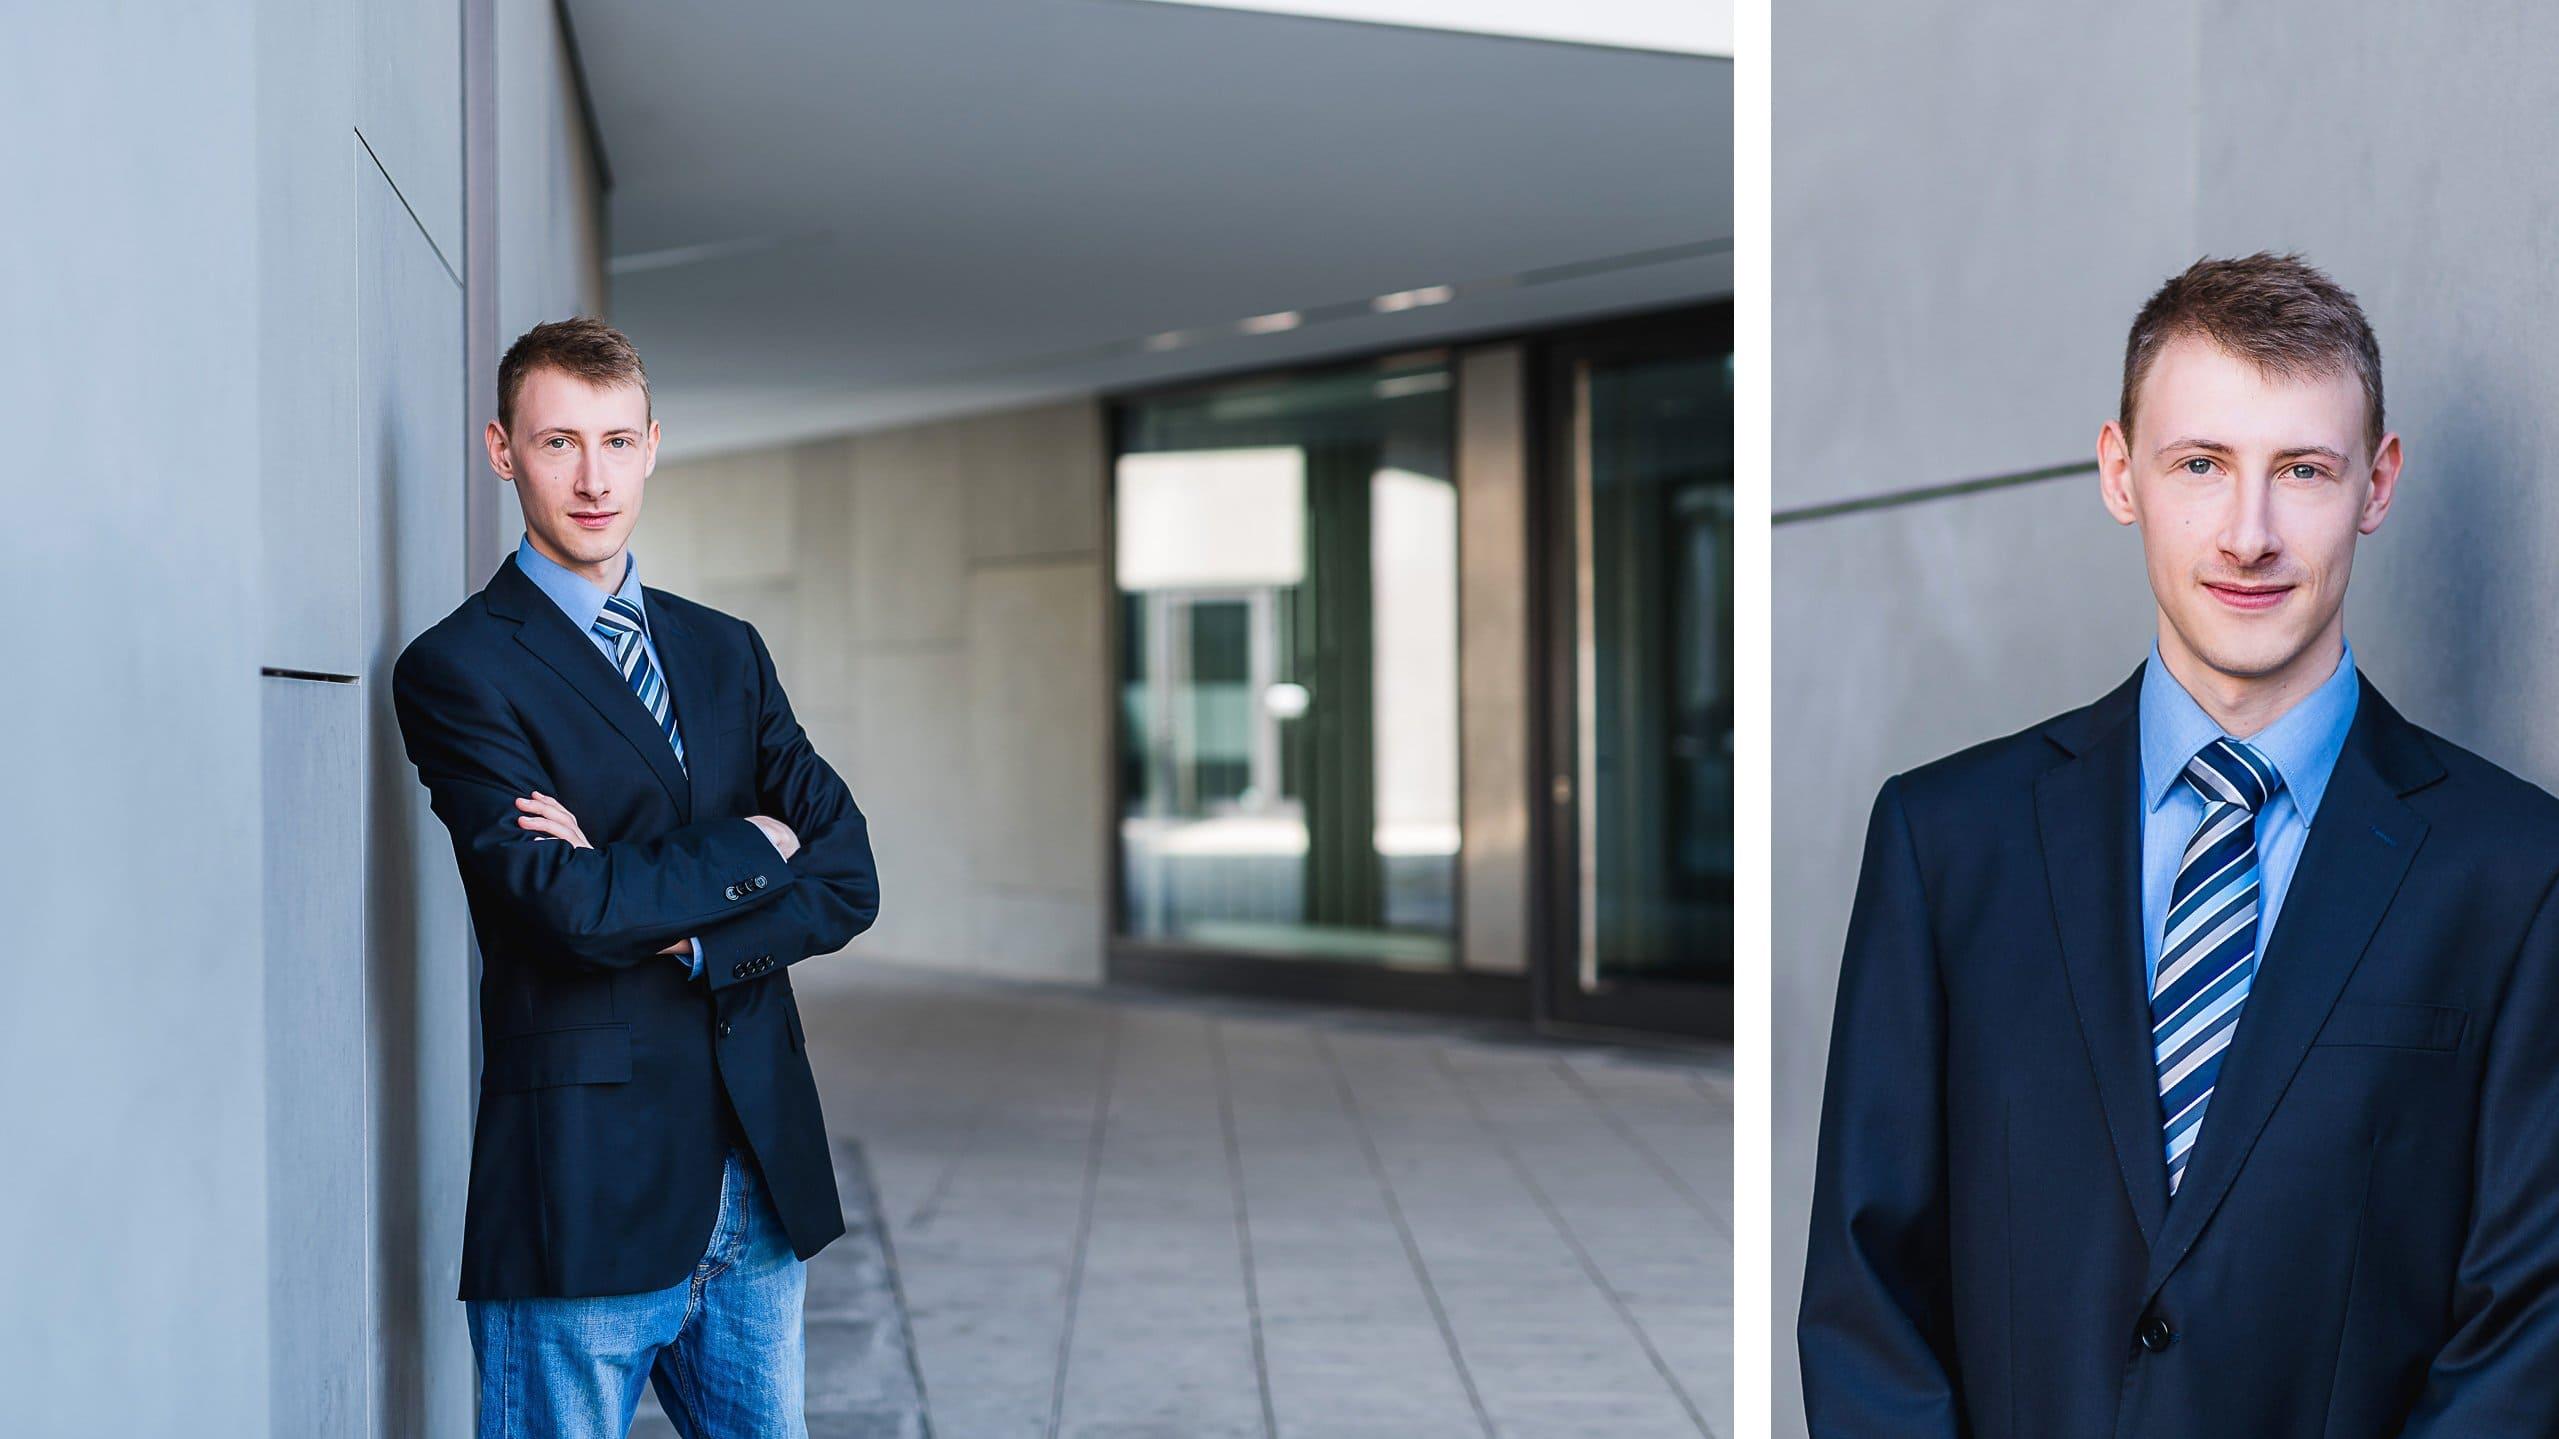 Moderne Bewerbungsfotos für Berufseinsteiger, Sichtbeton in München